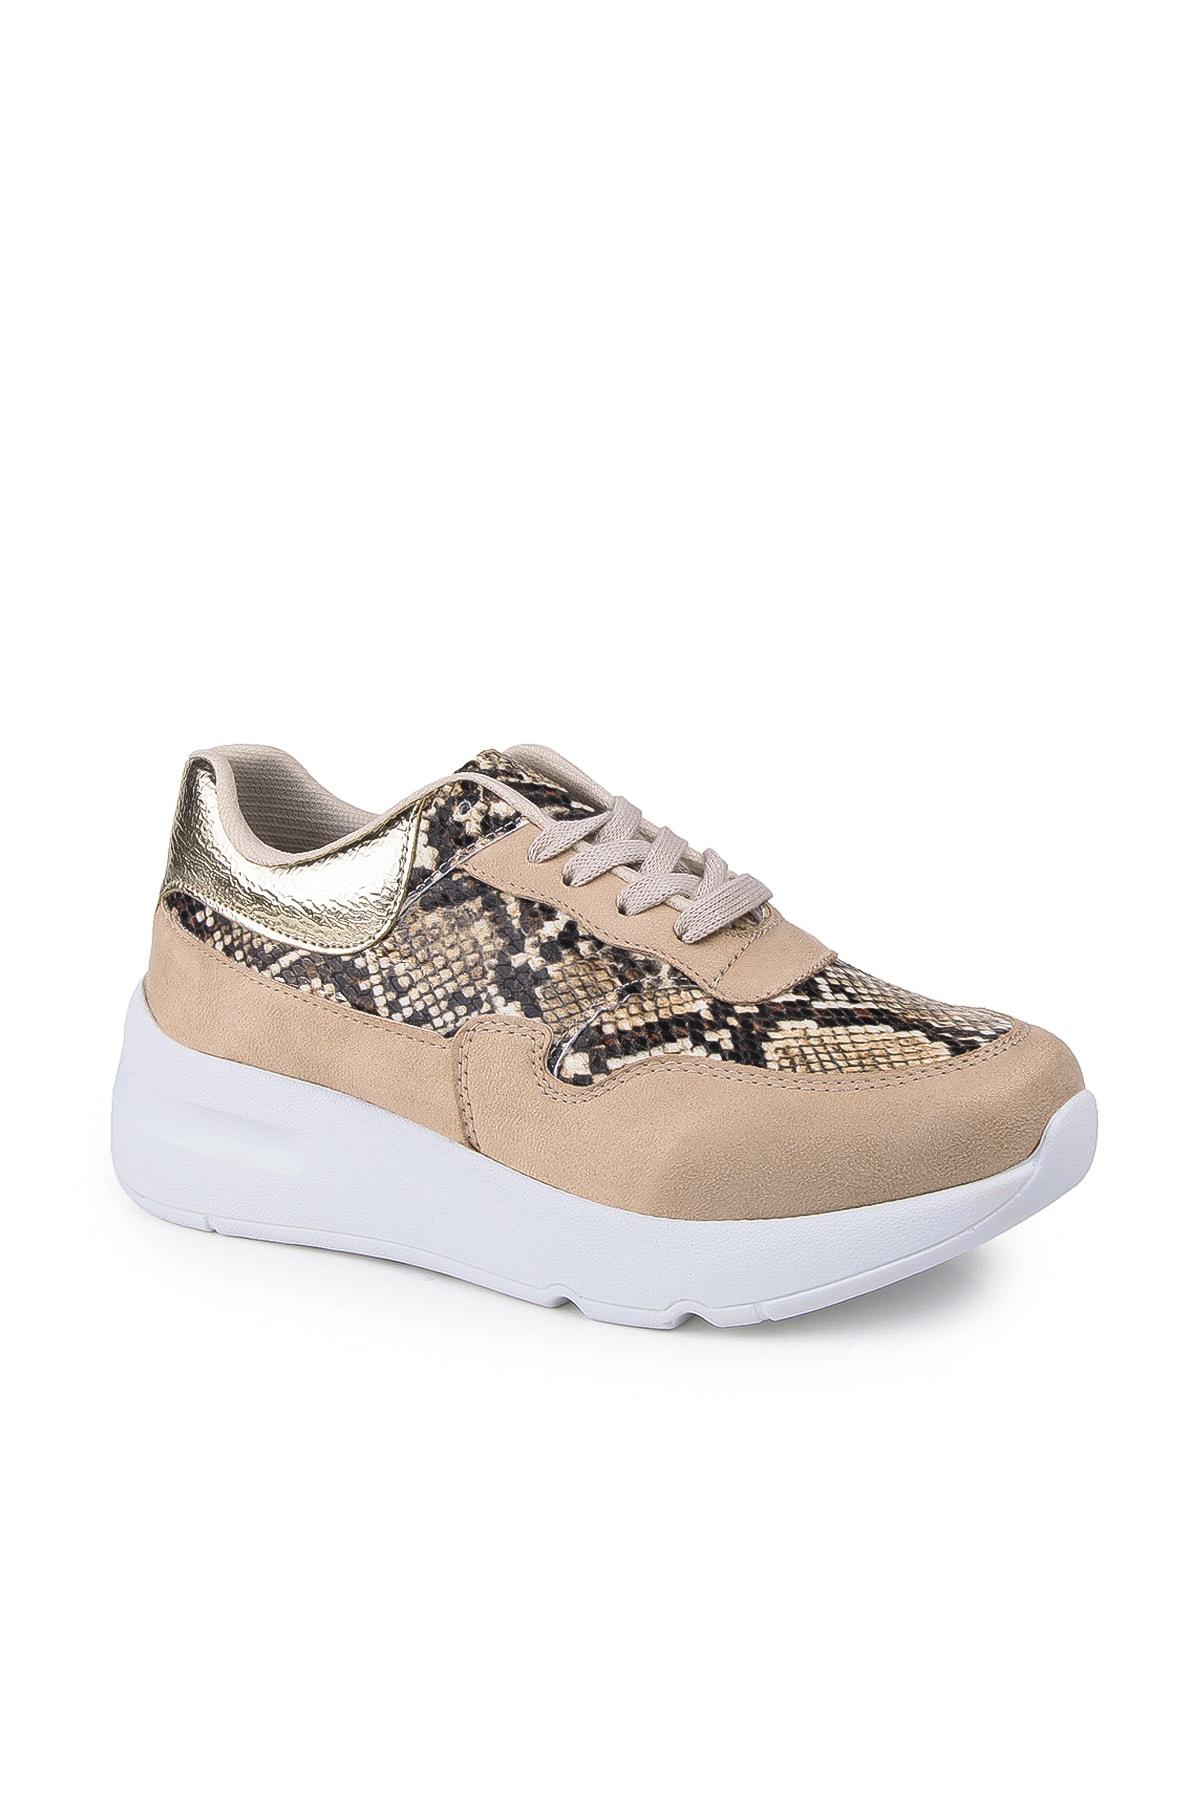 Cool & Near Kadın Sneaker Kalın Taban C14sh1200